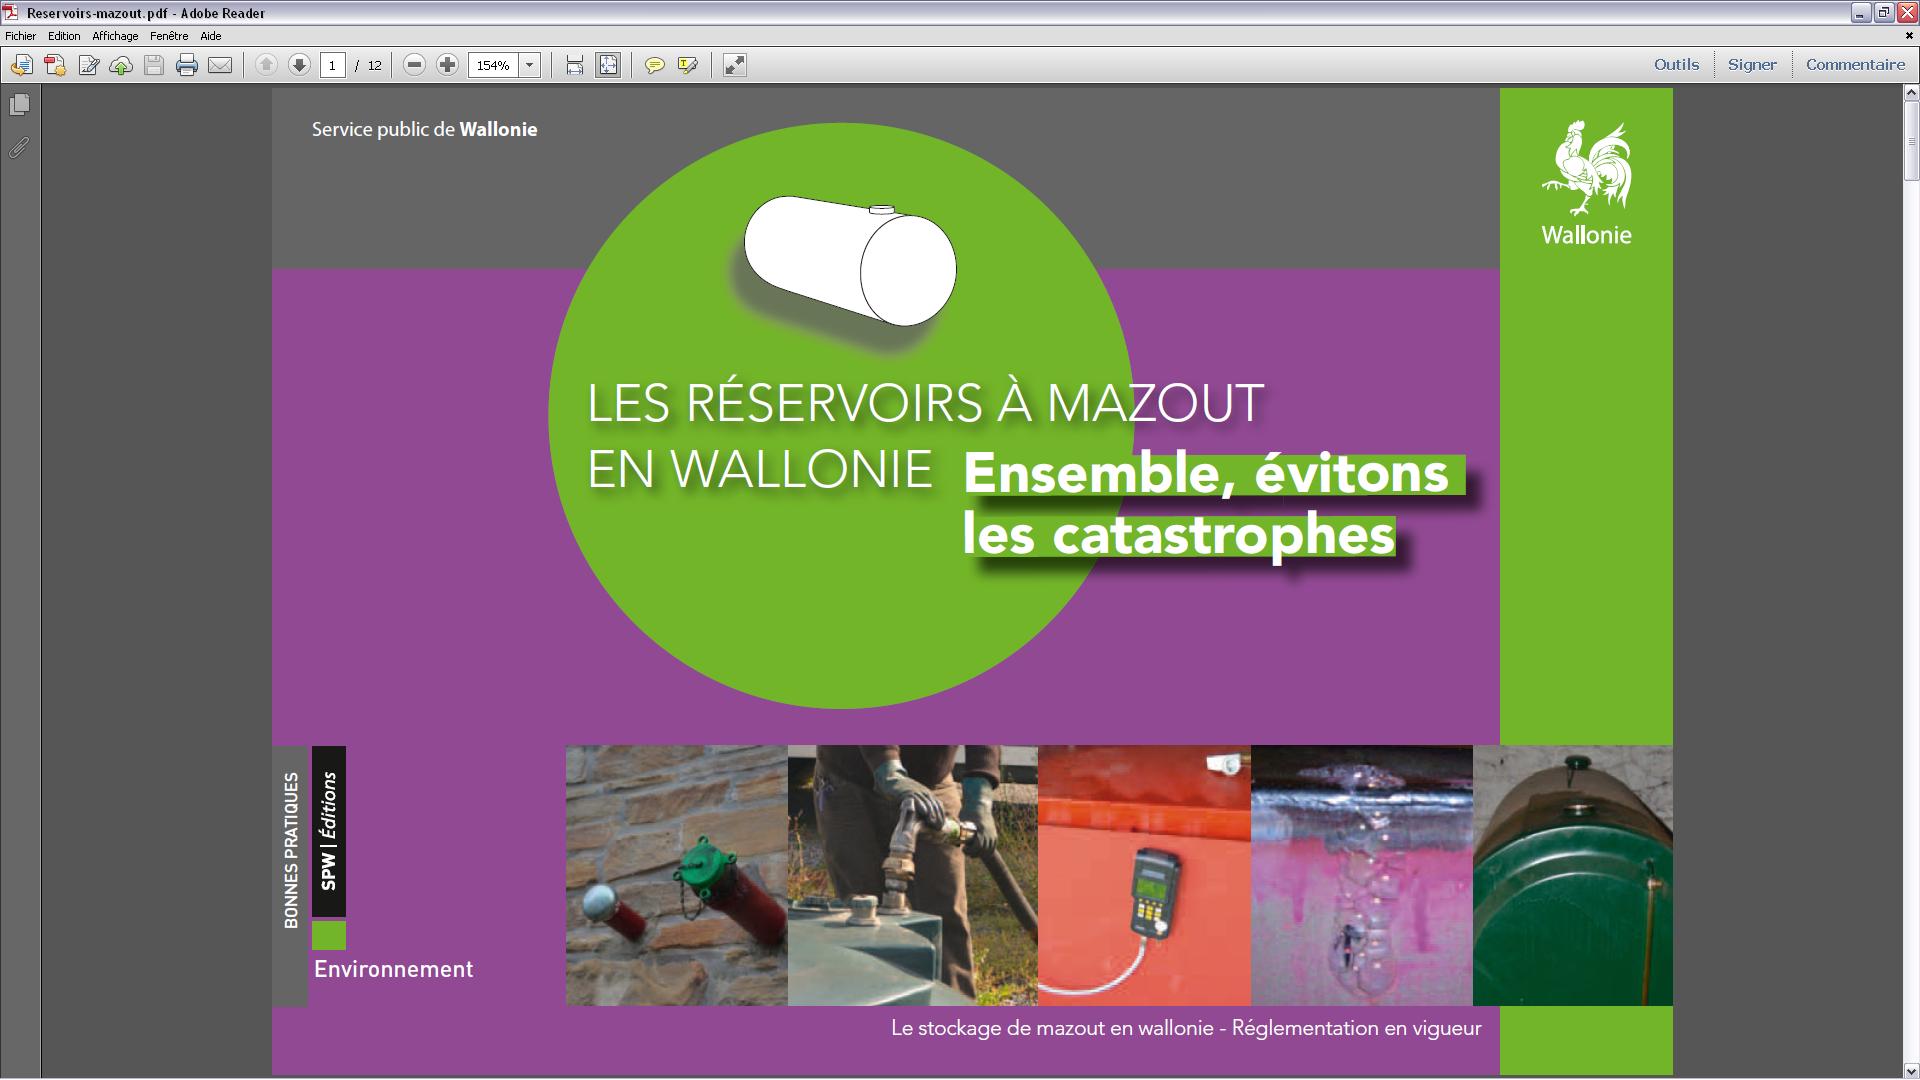 Les réservoirs à mazout en Wallonie : Ensemble, évitons les catastrophes